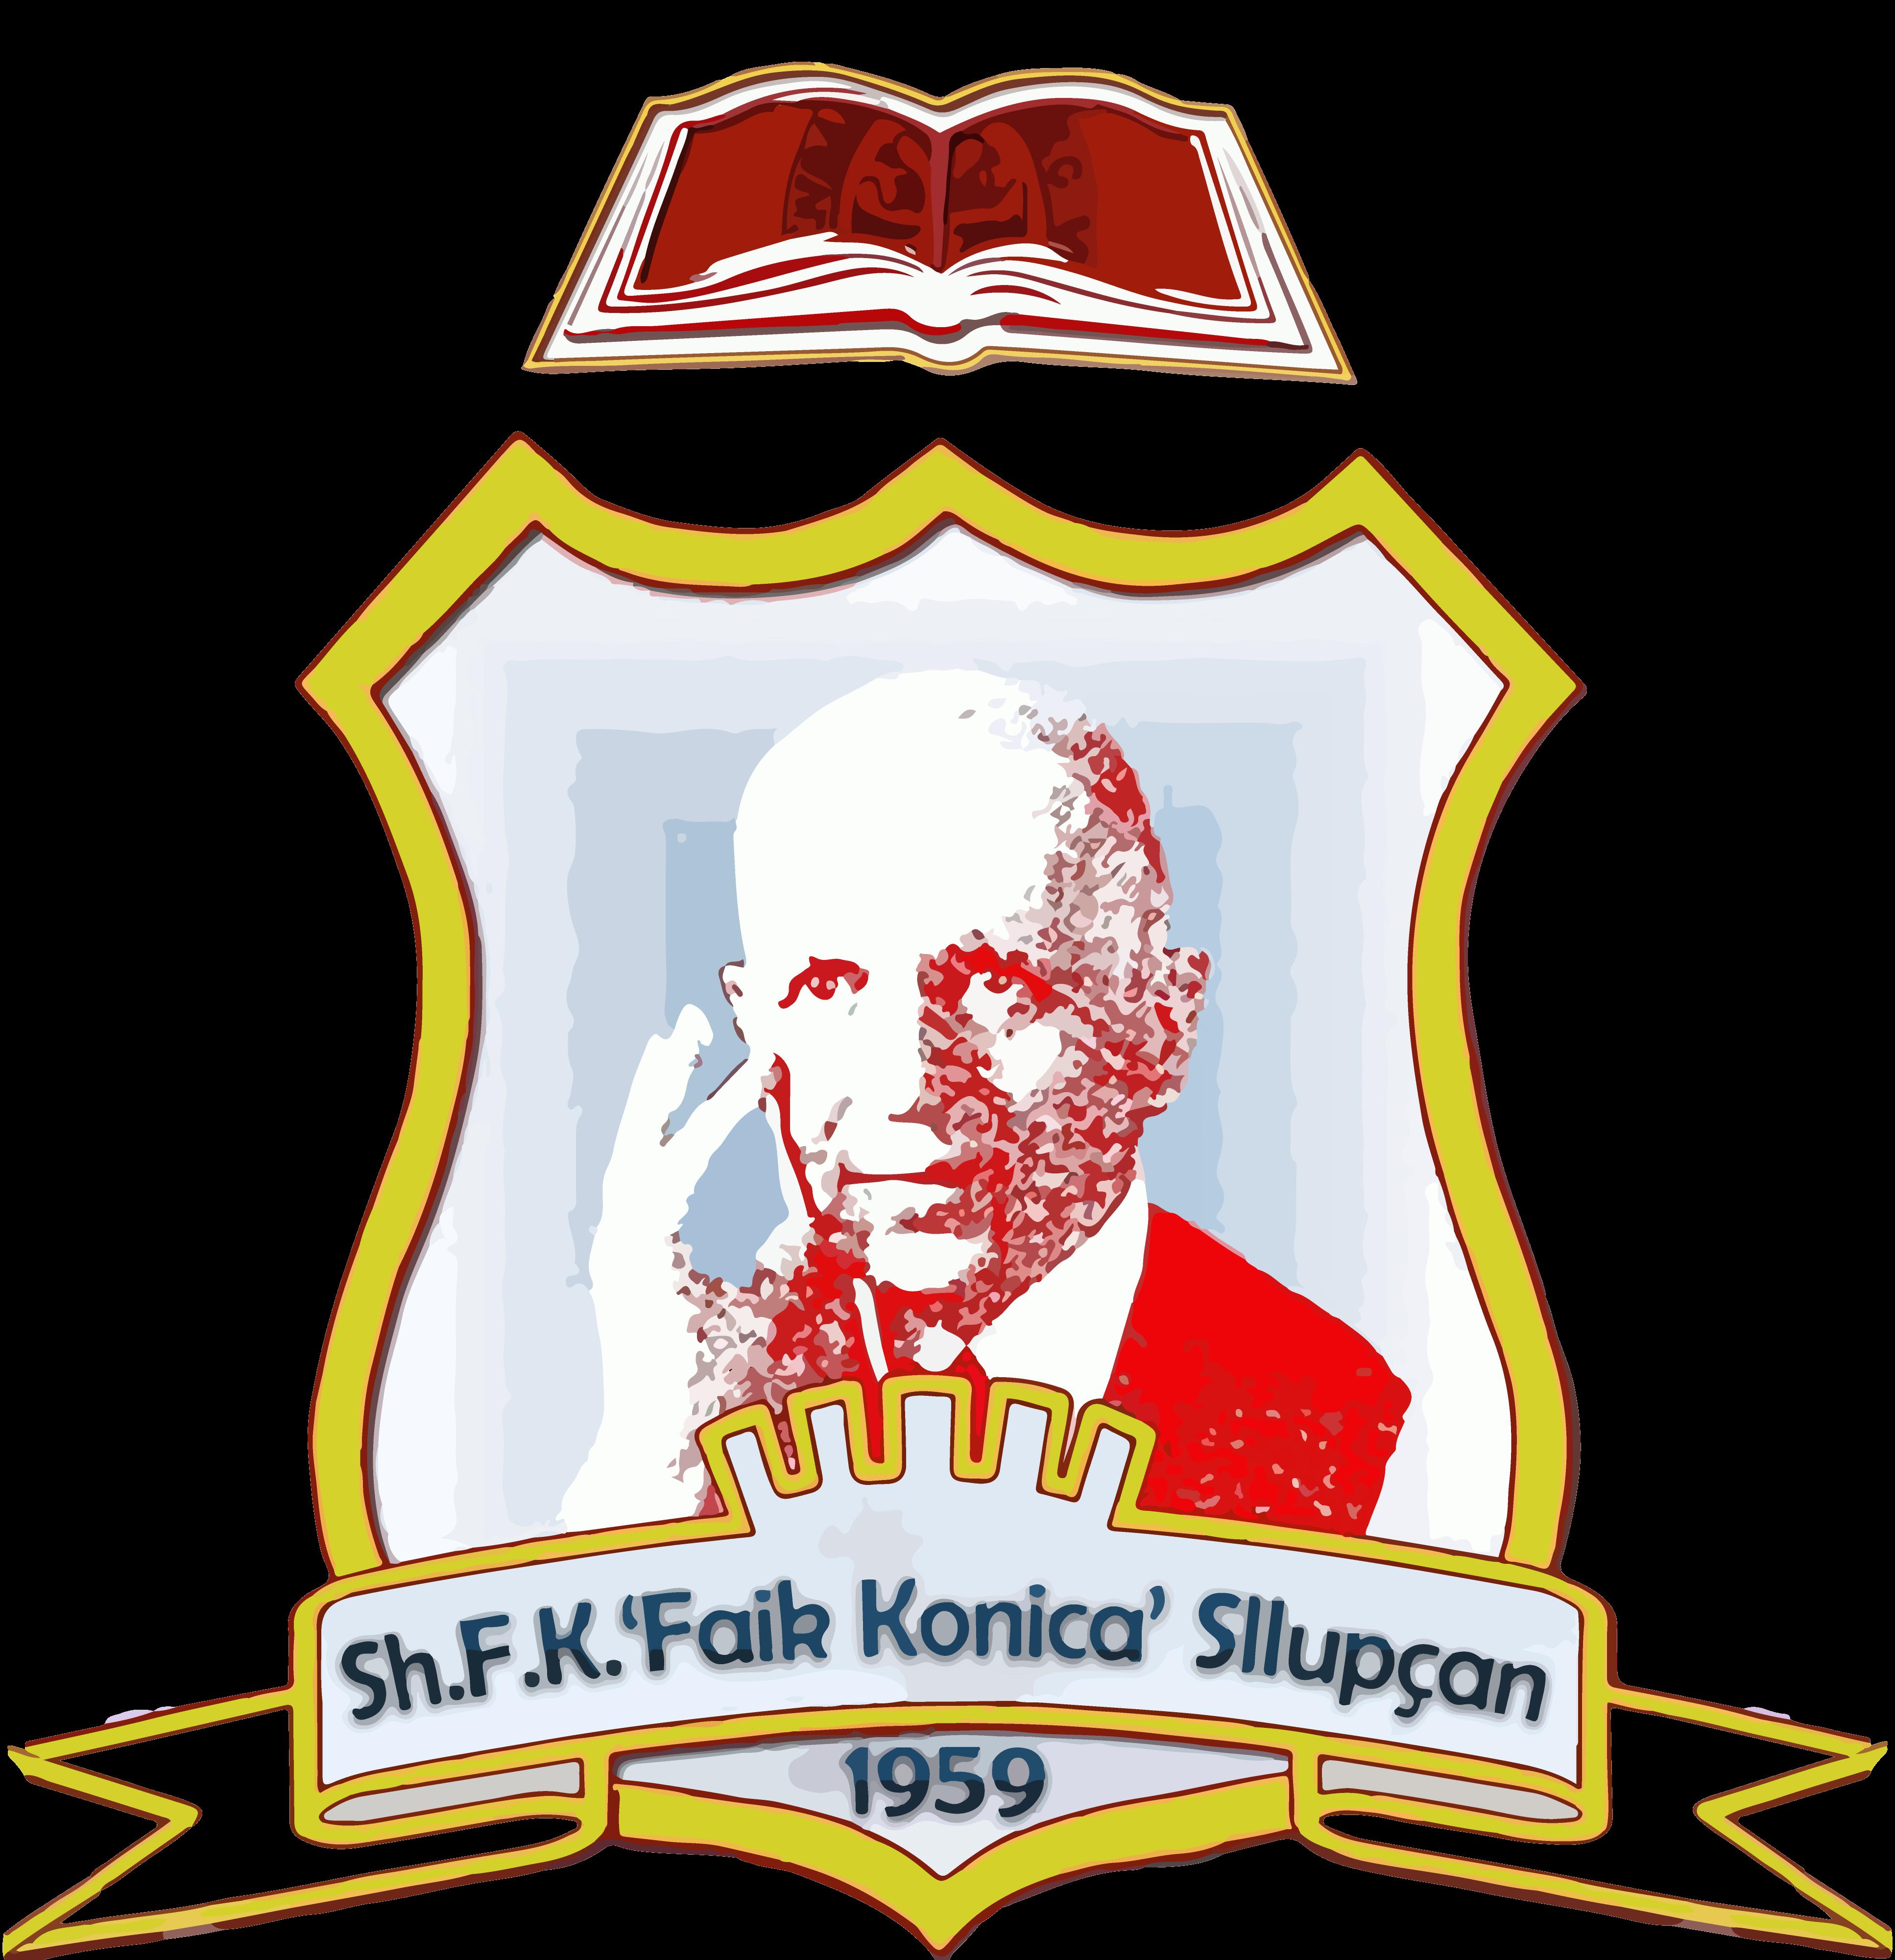 Sh.F.K 'Faik Konica' f. Sllupçan